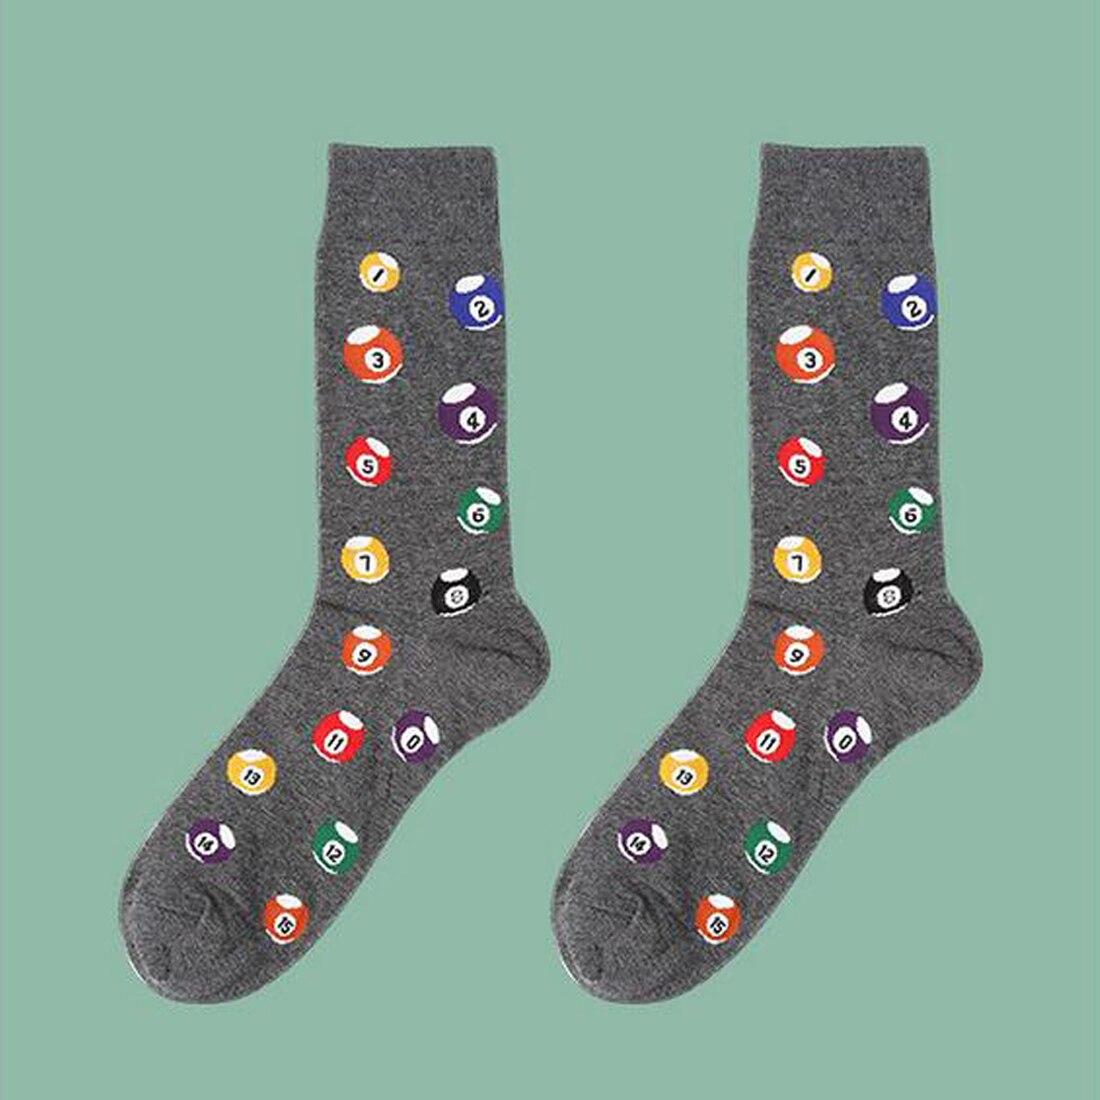 Hot 39-44 Socks Brand Women Men's Novelty Socks Combed Cotton Christmas